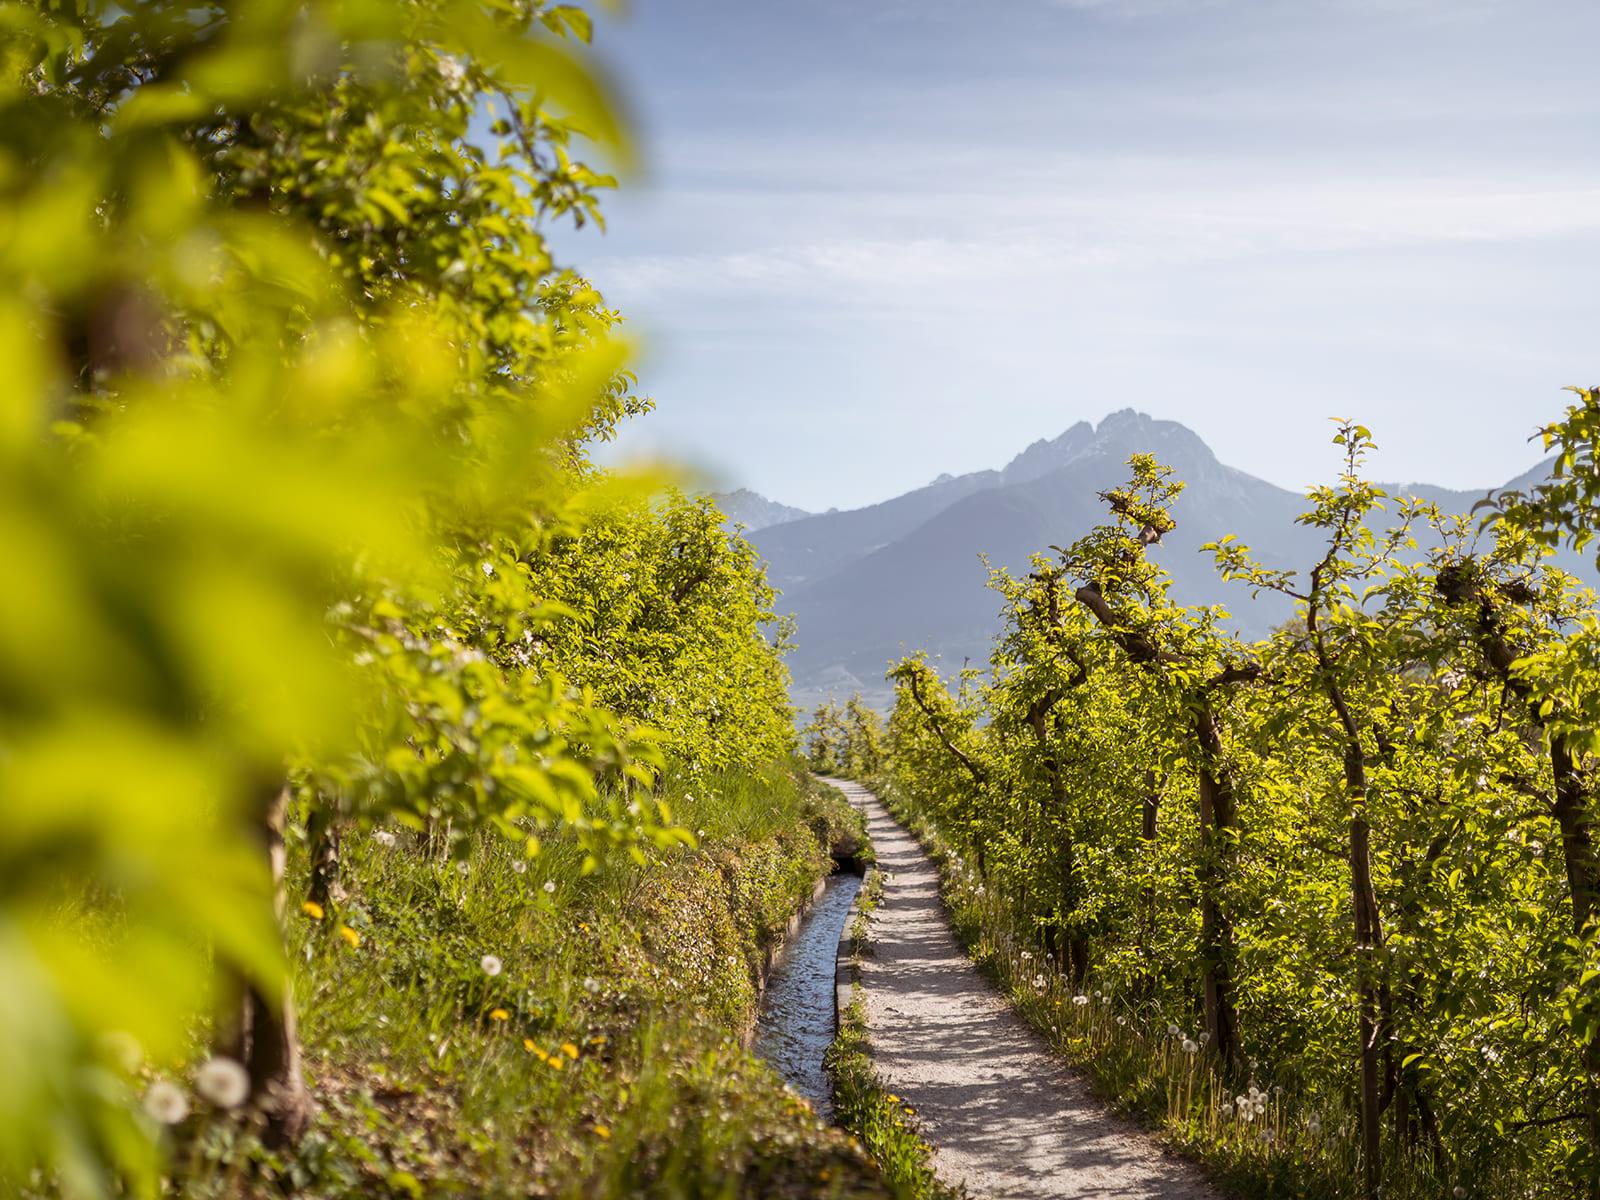 Bachlauf am Wegesrand gesäumt von Apfelbäumen